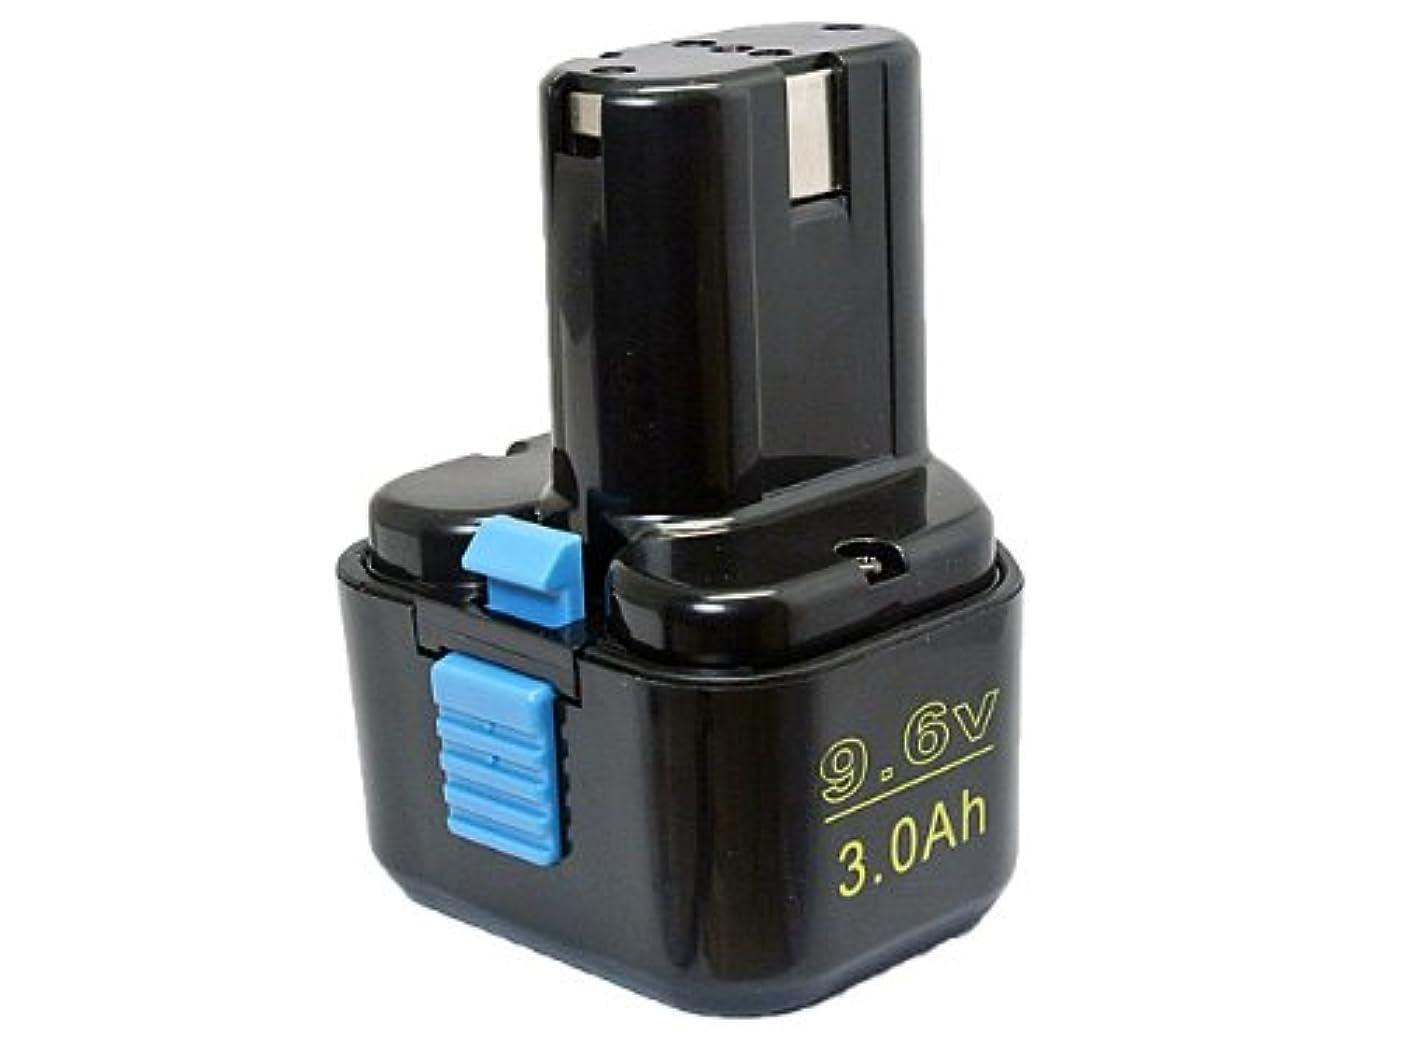 なだめるアスリート騒々しい日立工機 EB9 EB9S FEB9S EB914S EB912S 対応 ニッケル水素 互換バッテリー  9.6V 3000mAh